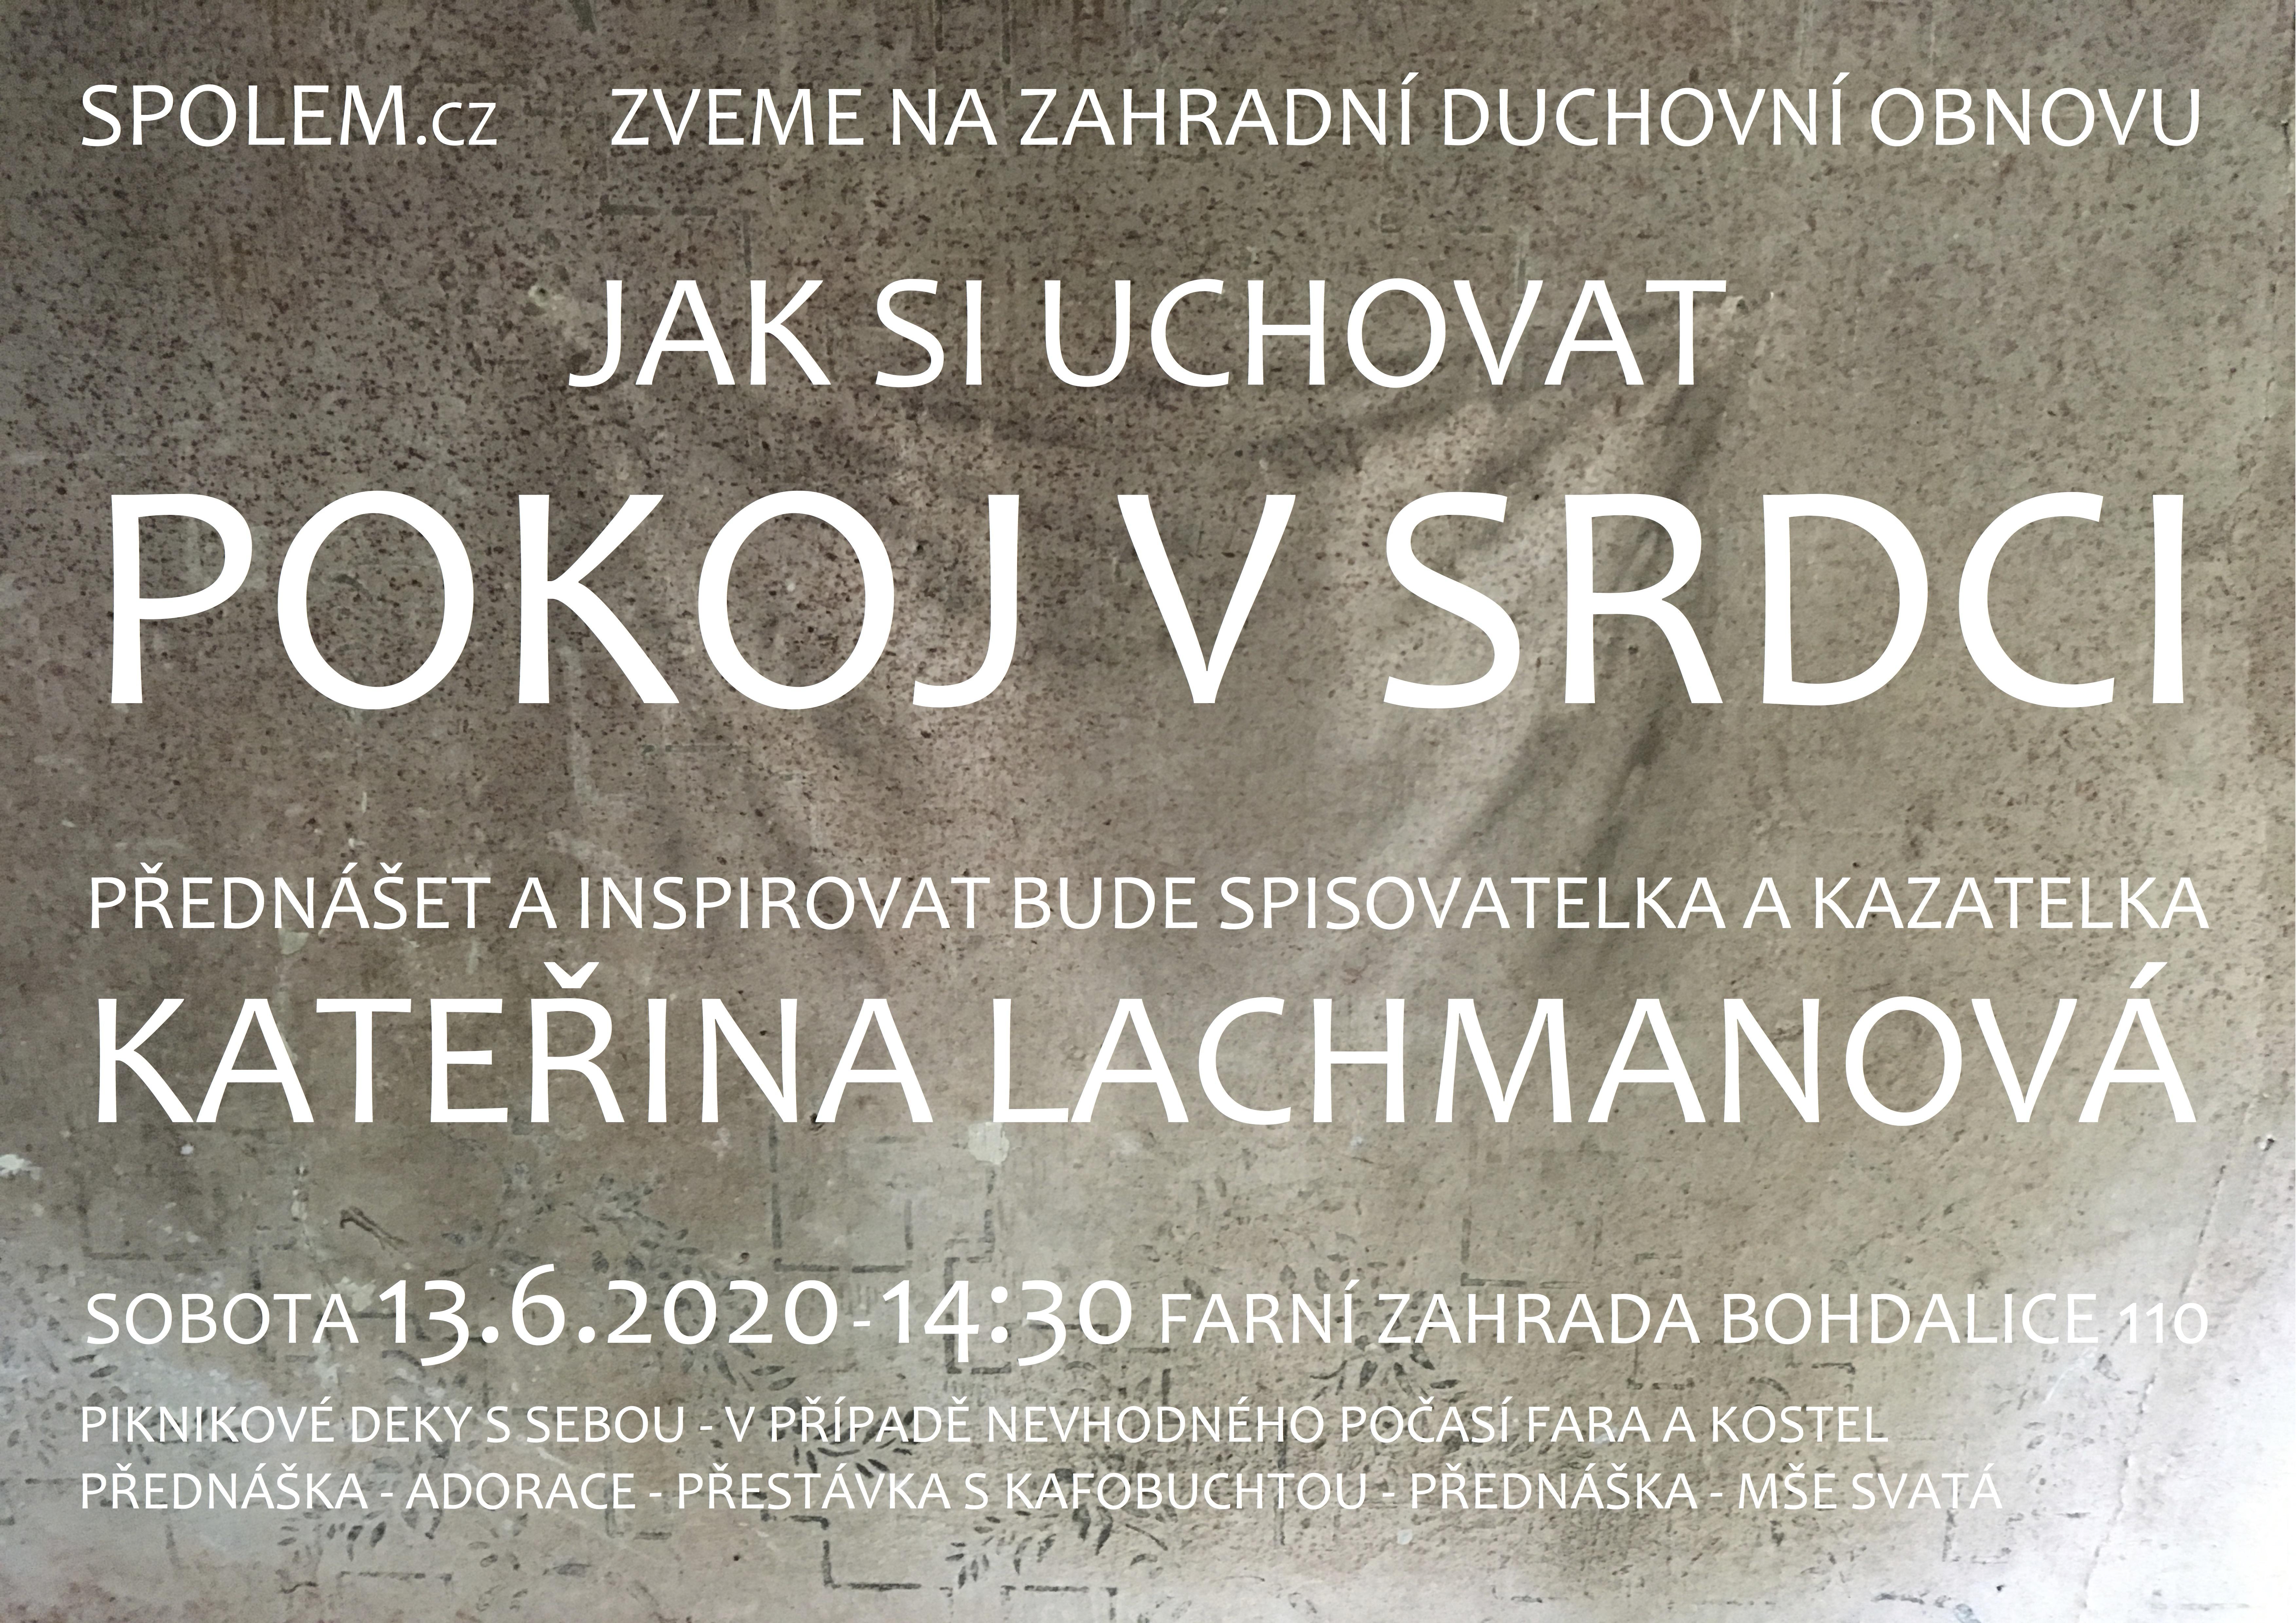 PLAKAT _DUCHNA 29-02-2020 KA-LACH